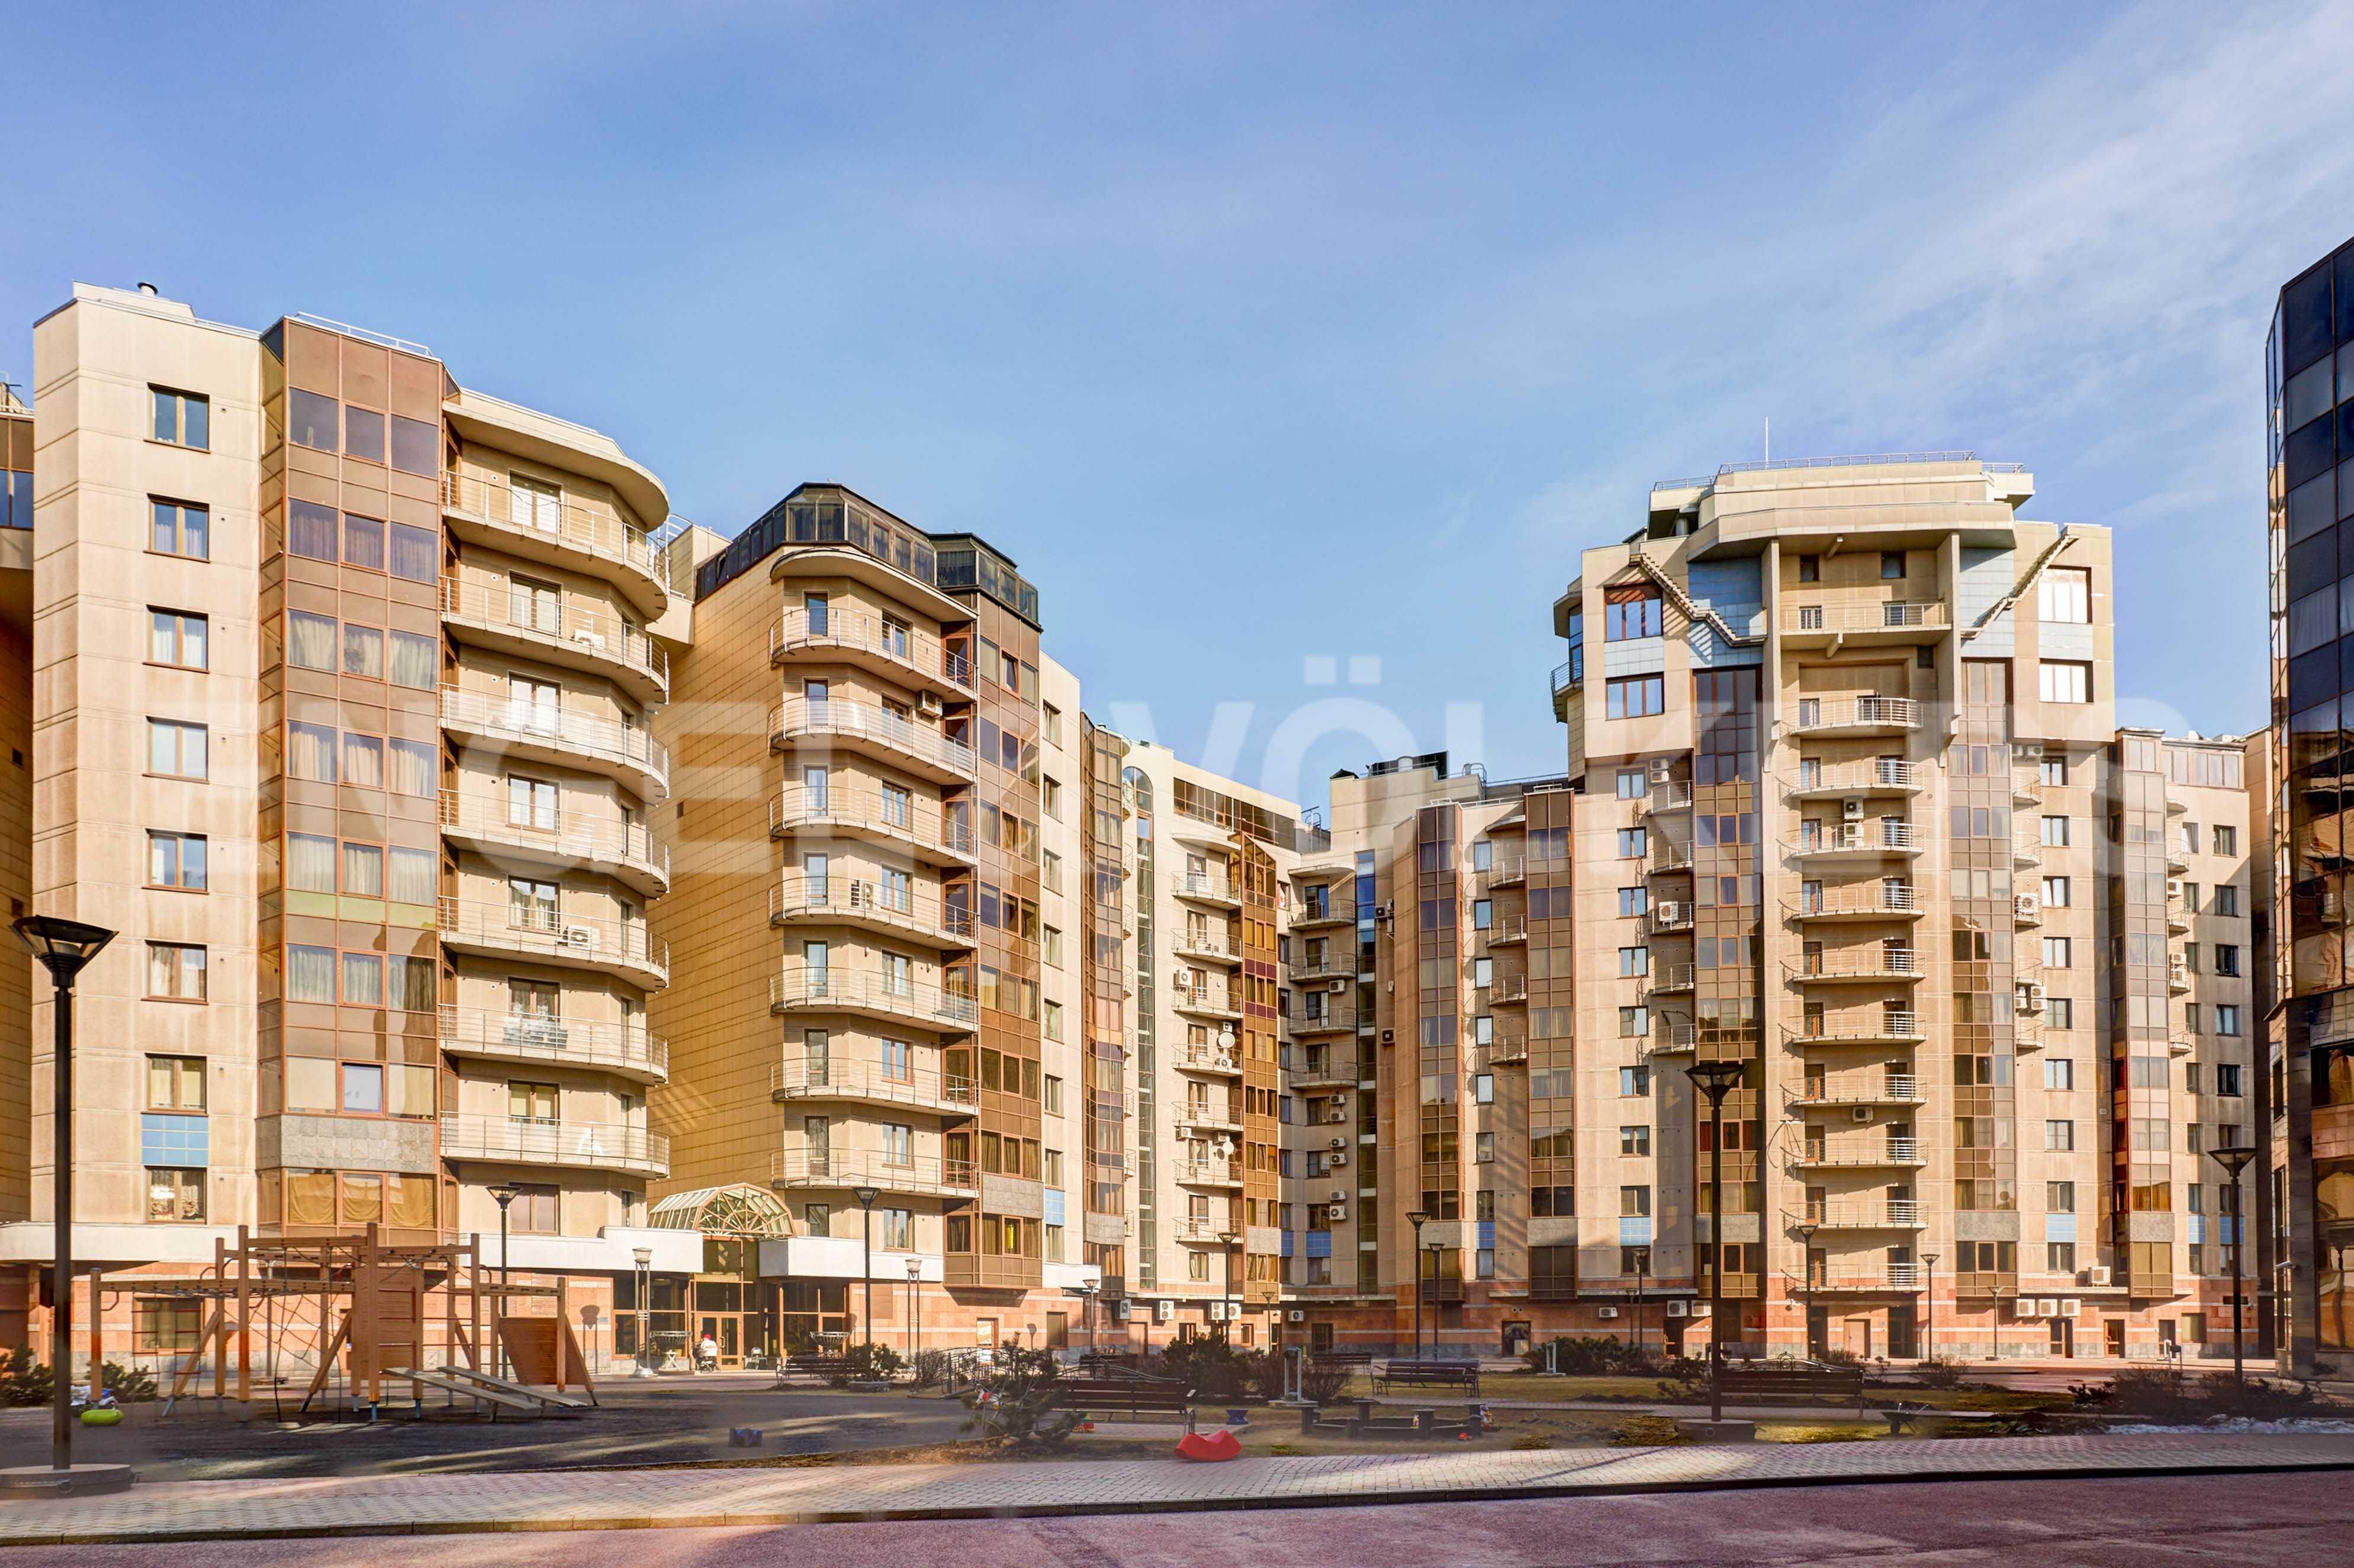 Элитные квартиры в Центральном районе. Санкт-Петербург, Воскресенская наб., 4. Фасад здания с внутренней стороны комплекса